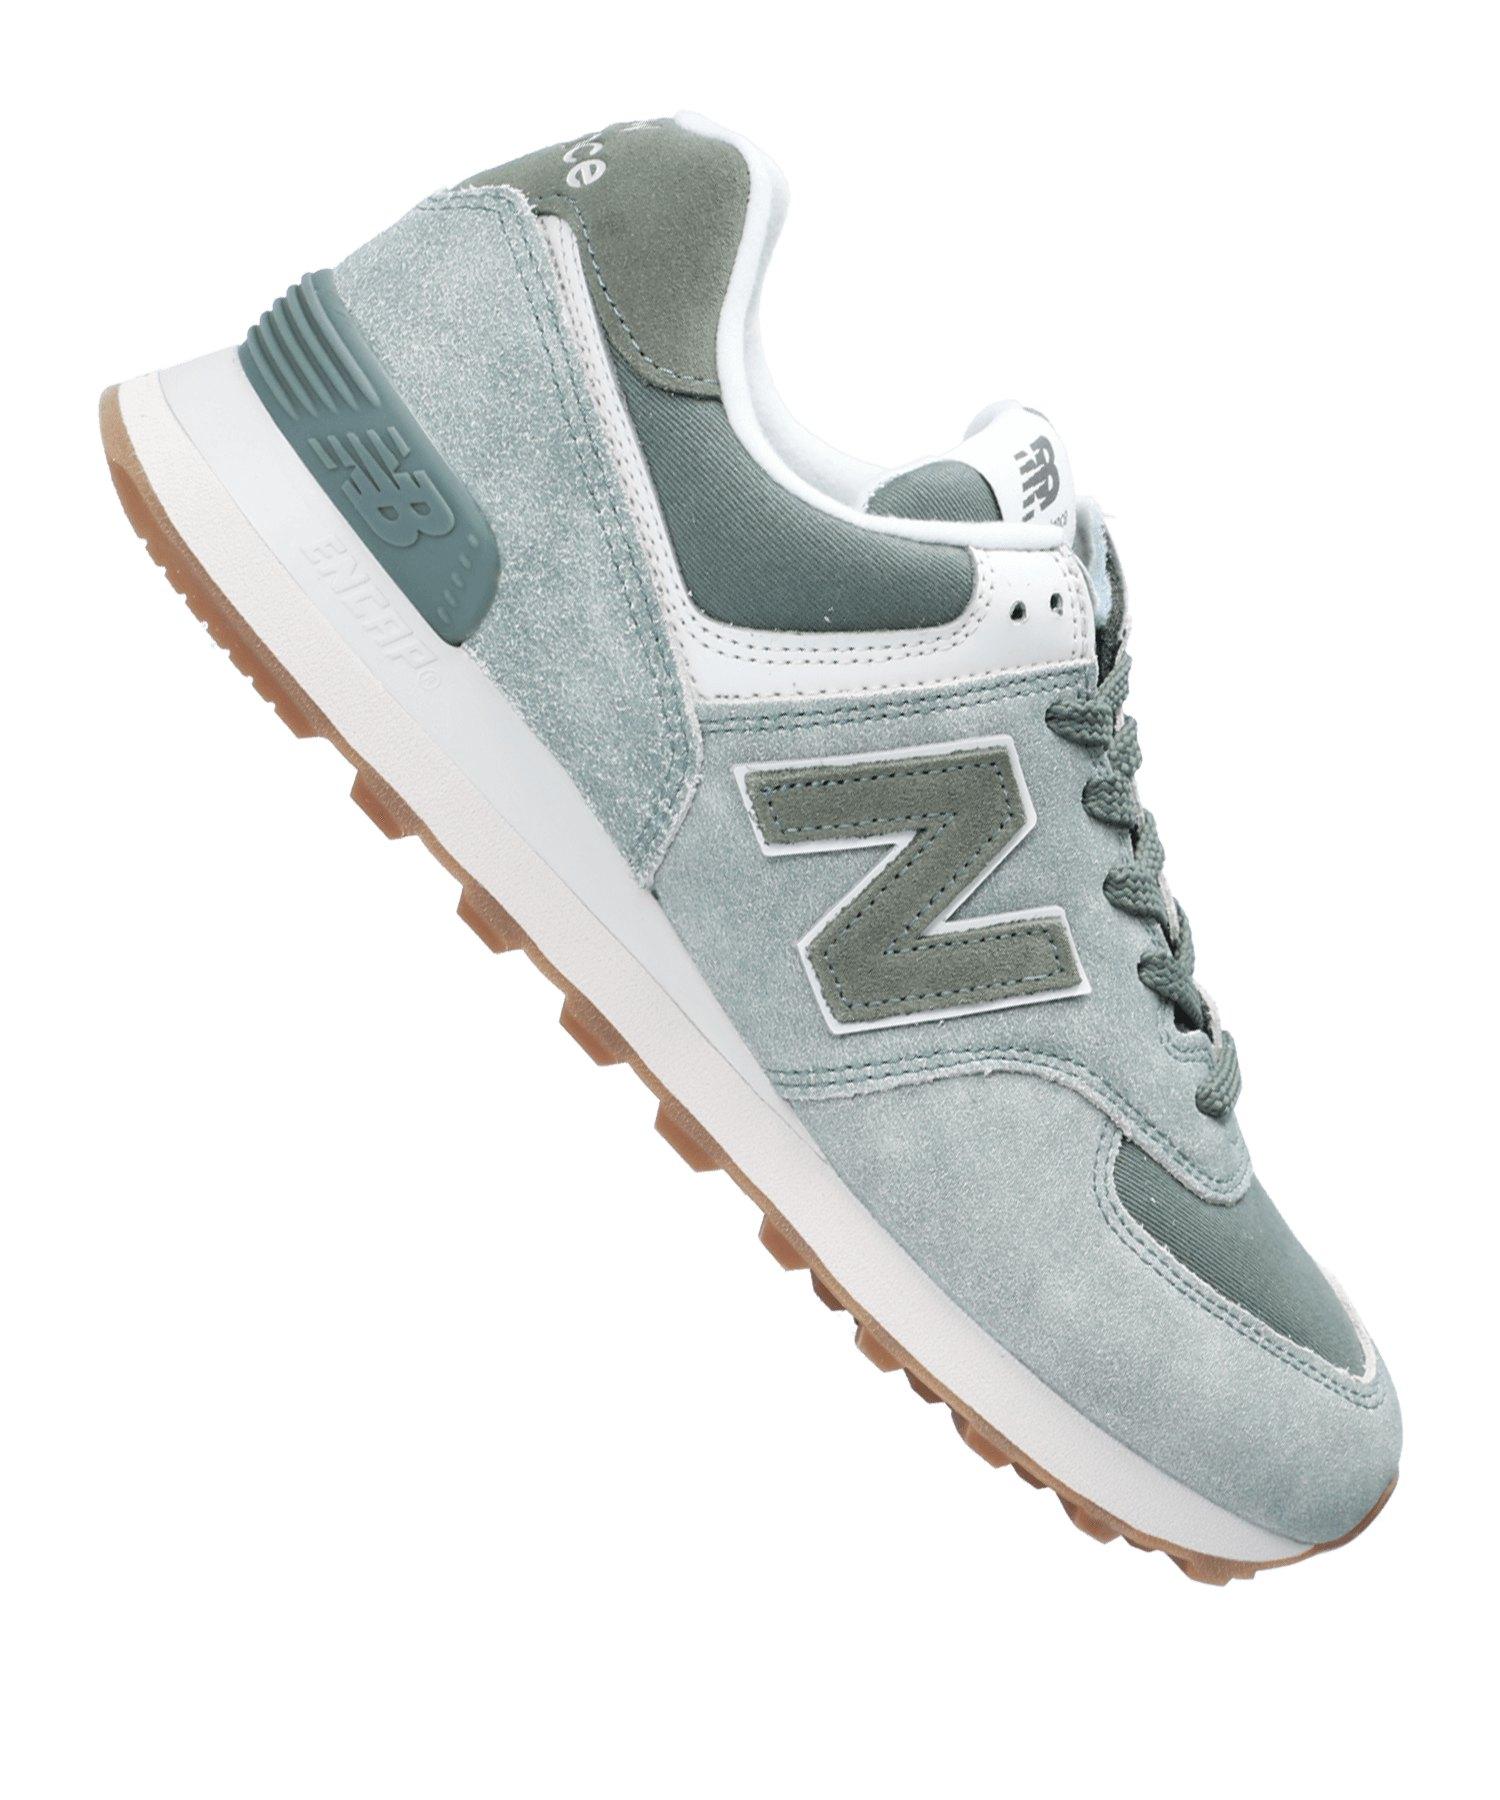 New Balance ML574 Herren Sneaker Grau-Weiß rivetsindia.com